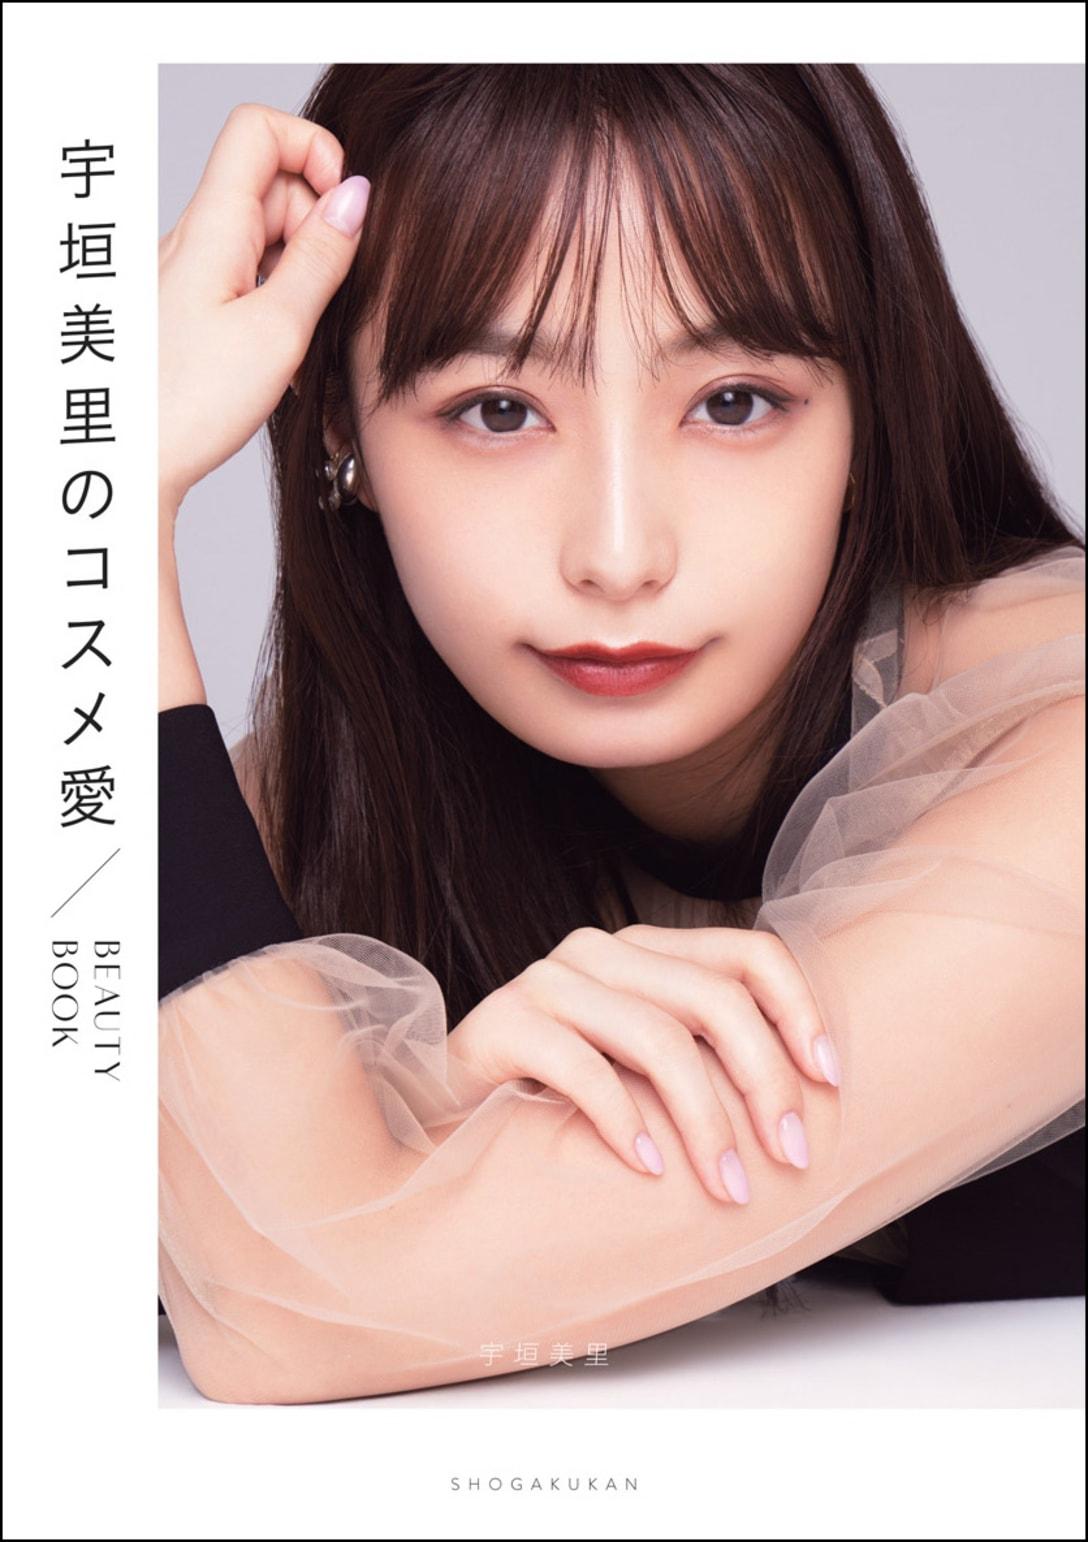 宇垣美里が美容本「宇垣美里のコスメ愛」発売、メイクのハウツーや ...